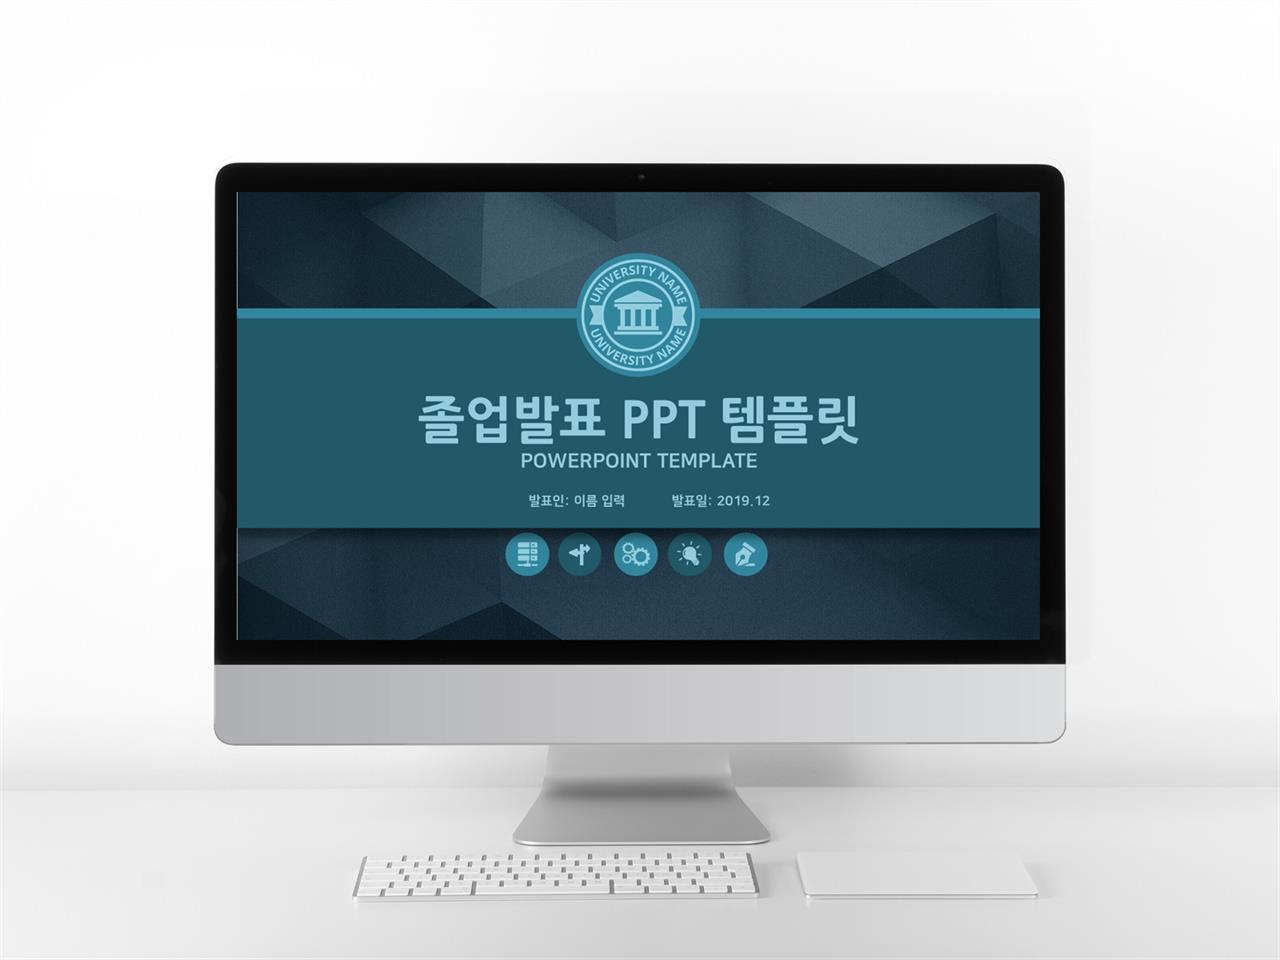 학위논문 남색 간편한 매력적인 파워포인트배경 제작 미리보기